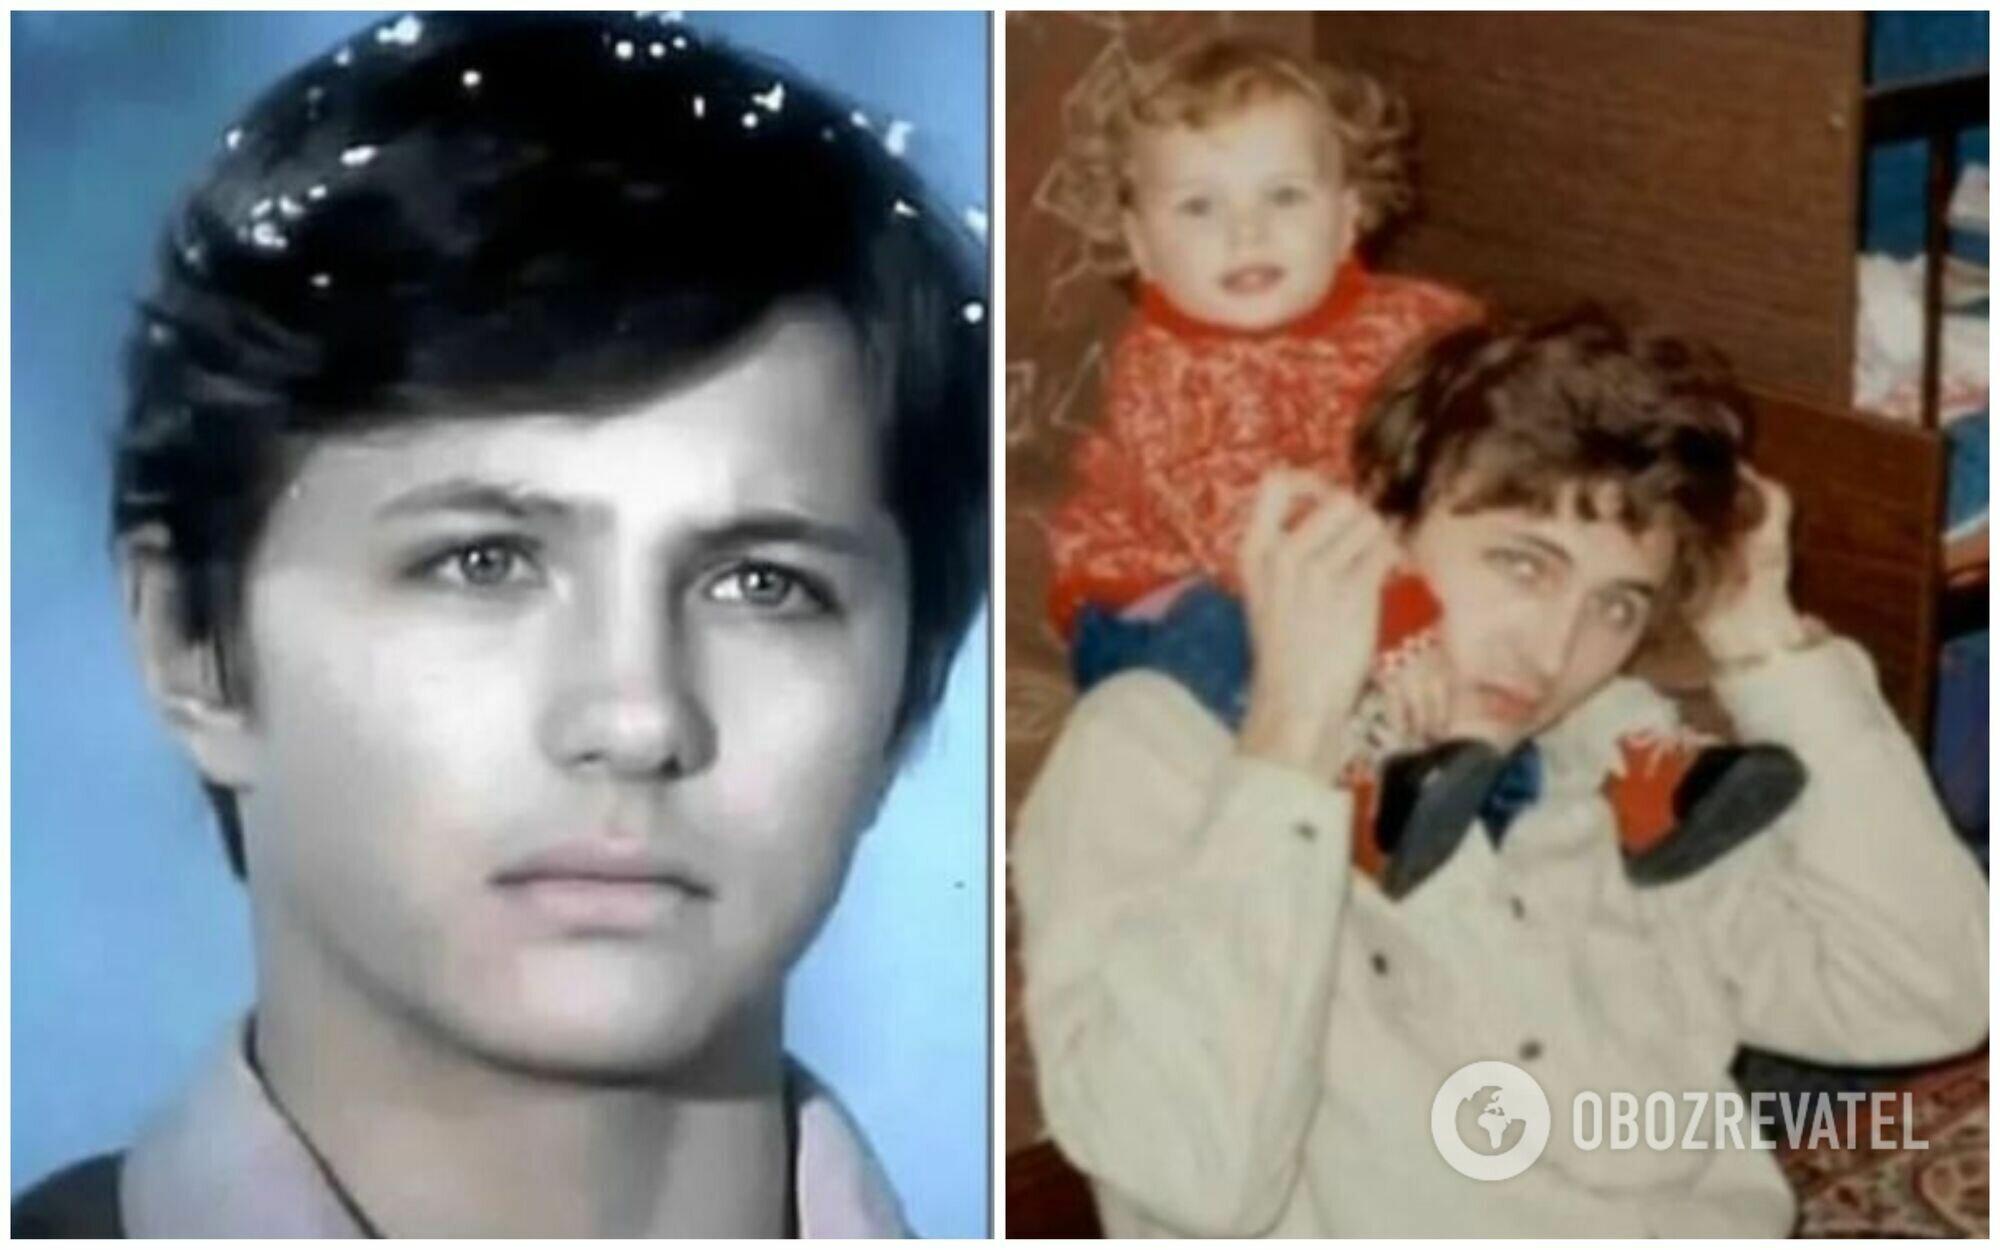 Ян Пузыревский выбросился из окна 12 этажа с сыном на руках